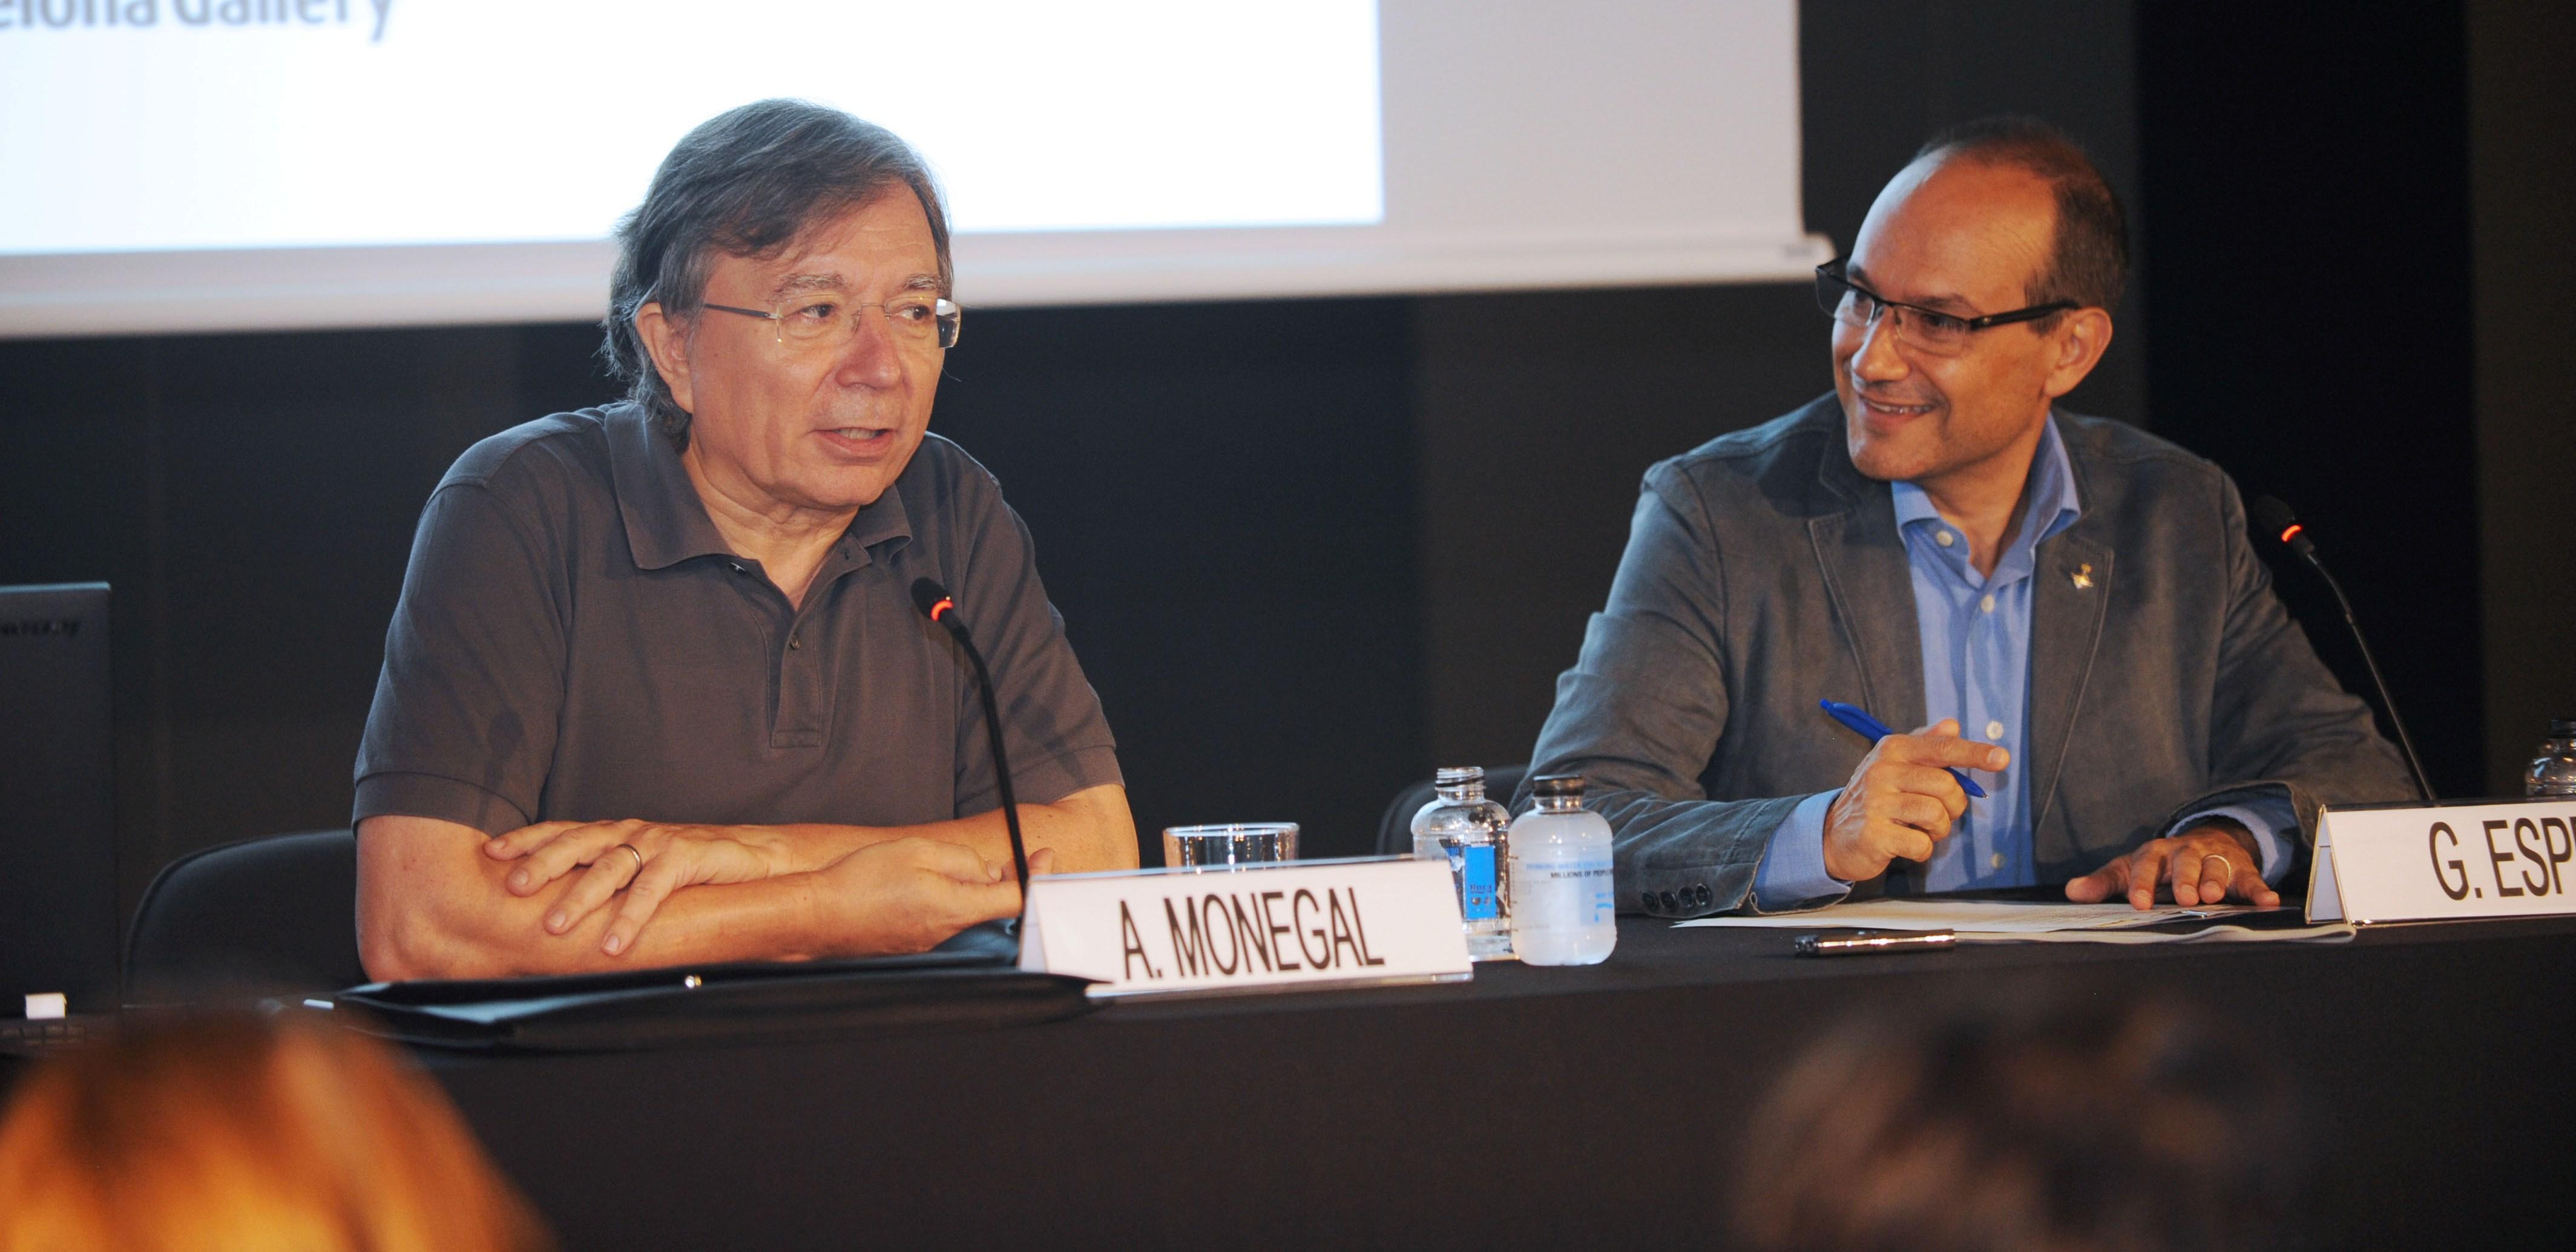 Guillem Espriu i Antonio Monegal